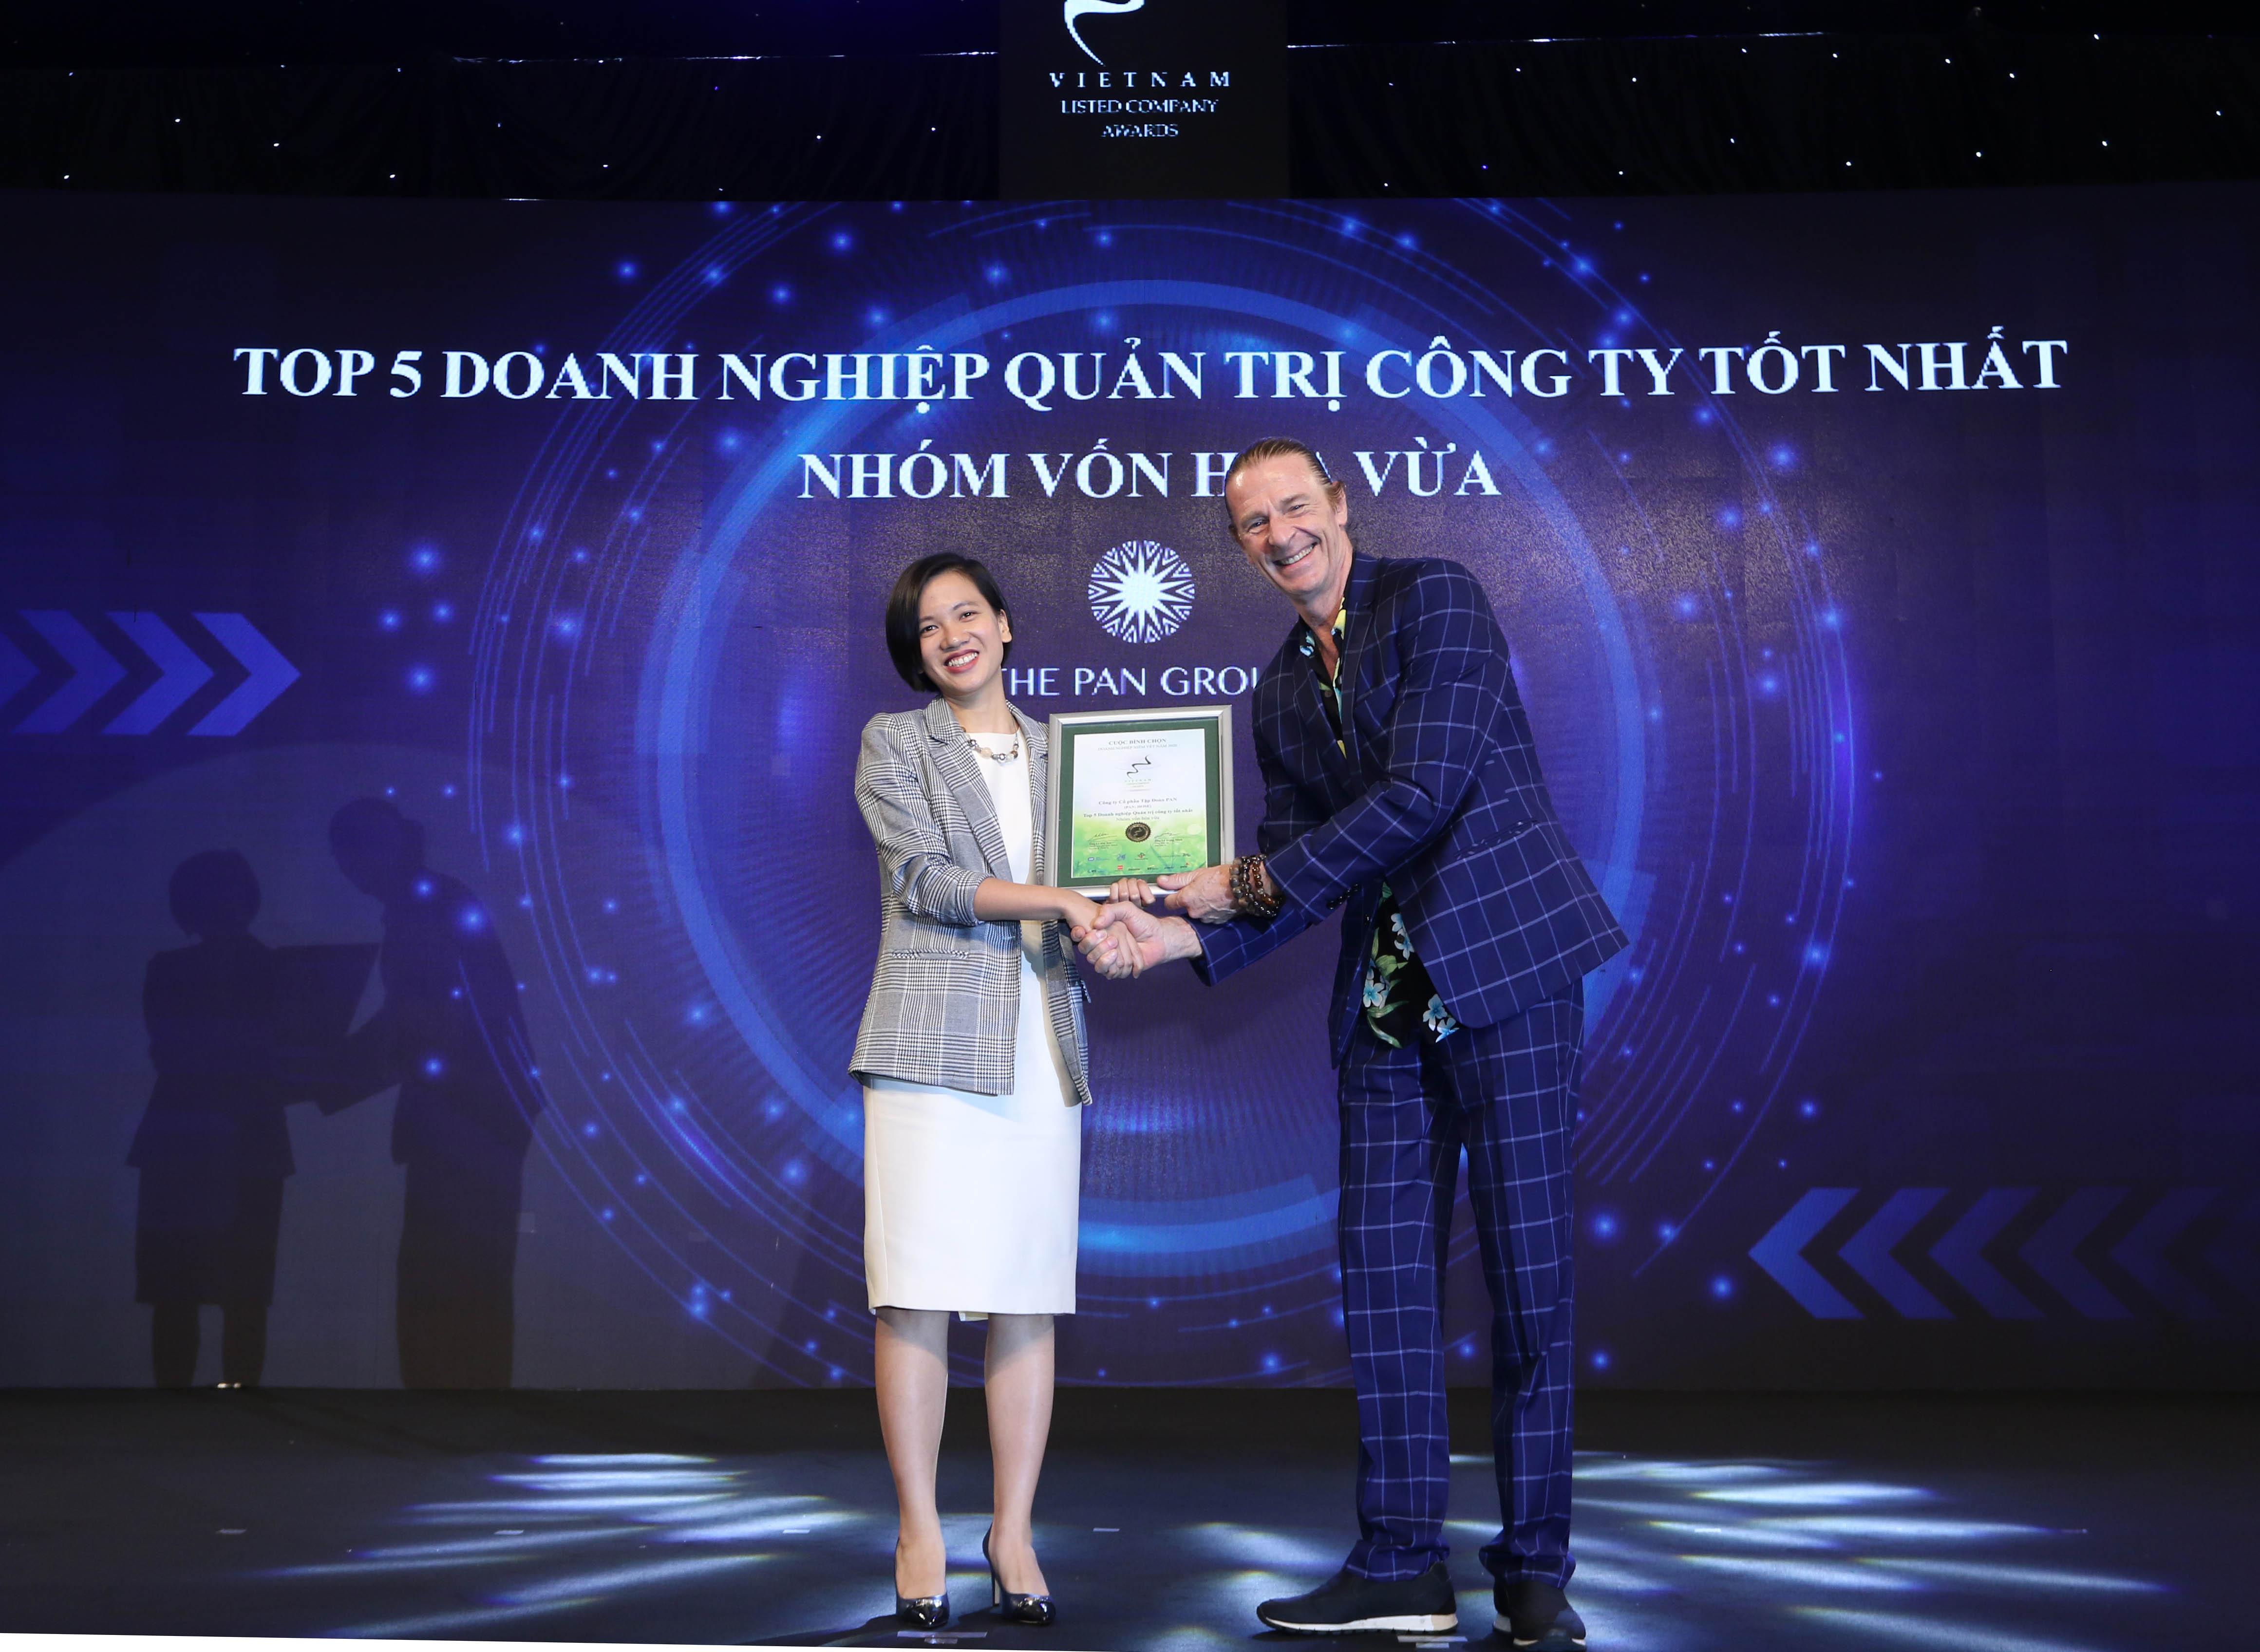 https://www.aravietnam.vn/wp-content/uploads/2020/12/50_49_Dại-diện-CTCP-Tập-Doàn-PAN-nhận-TOP-5-Doanh-nghiệp-quản-trị-công-ty-tốt-nhất-nhóm-vốn-hóa-vừa.jpg